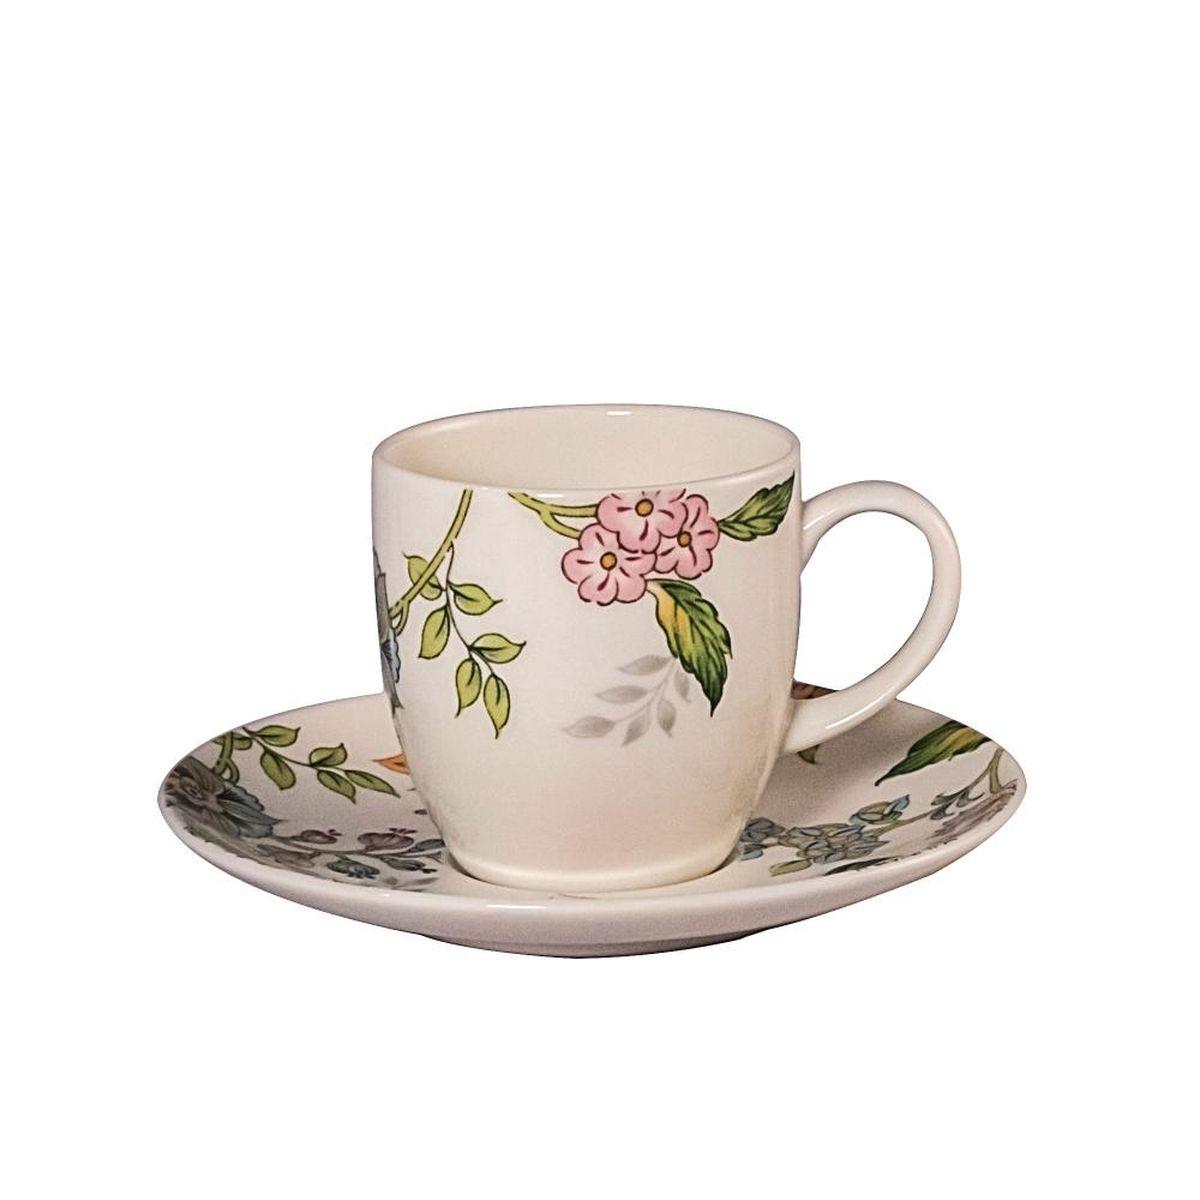 Набор кофейный Royal Bone China Прованс, 12 предметов9016/12275Набор Royal Bone China Прованс состоит из шести кофейныхпар (6 чашек и 6 блюдец), изготовленных извысококачественного фарфора и оформленных цветочнымрисунком. Яркий дизайн, несомненно, придется вам по вкусу.Такой набор украсит ваш кухонный стол, а также станетзамечательным подарком к любому празднику. Объем чашек: 100 мл. Диаметр блюдца: 12 см.Диаметр чашки: 6 см. Высота чашки: 8 см.